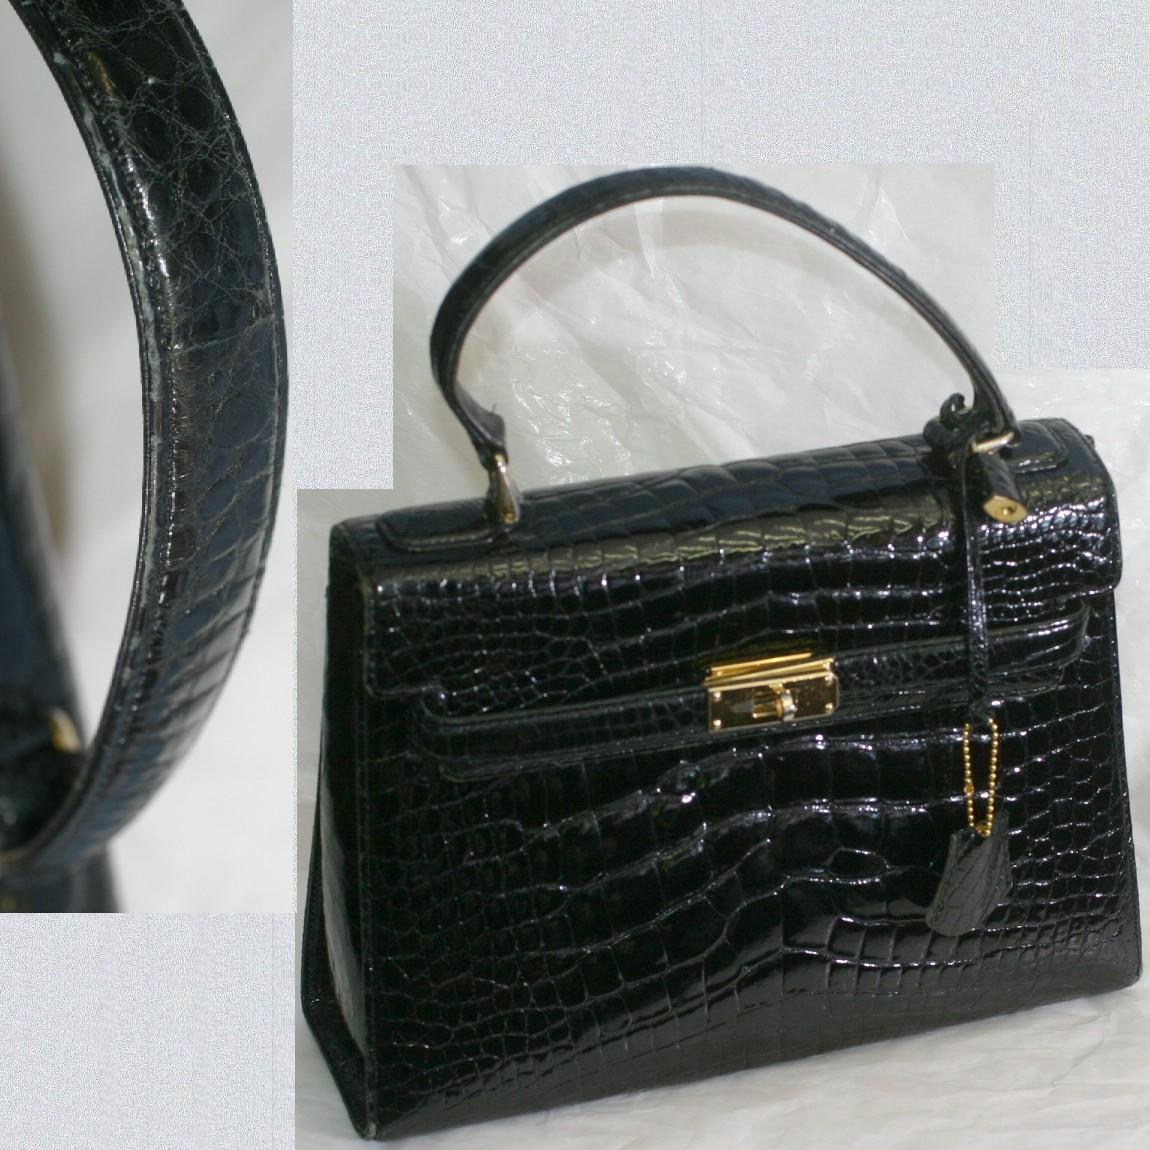 【中古】高級感漂う黒いクロコダイル素材金色金具のハンドバッグ サイズW29H21D9,5cm